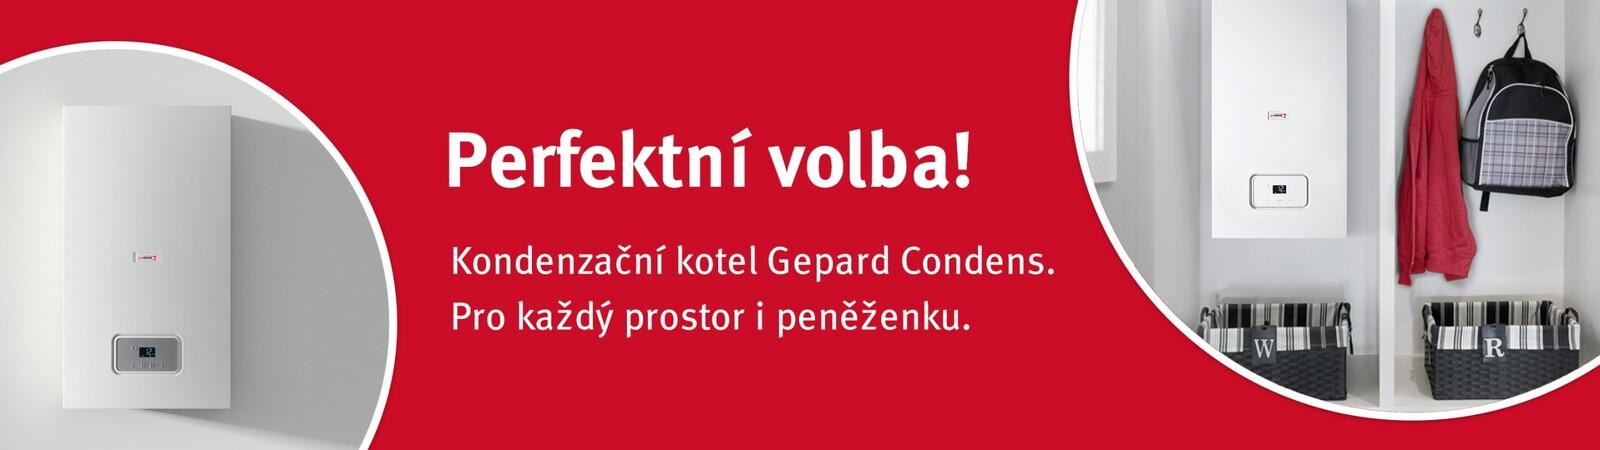 Kondenzační kotel Gepard Condens do každé domácnosti.